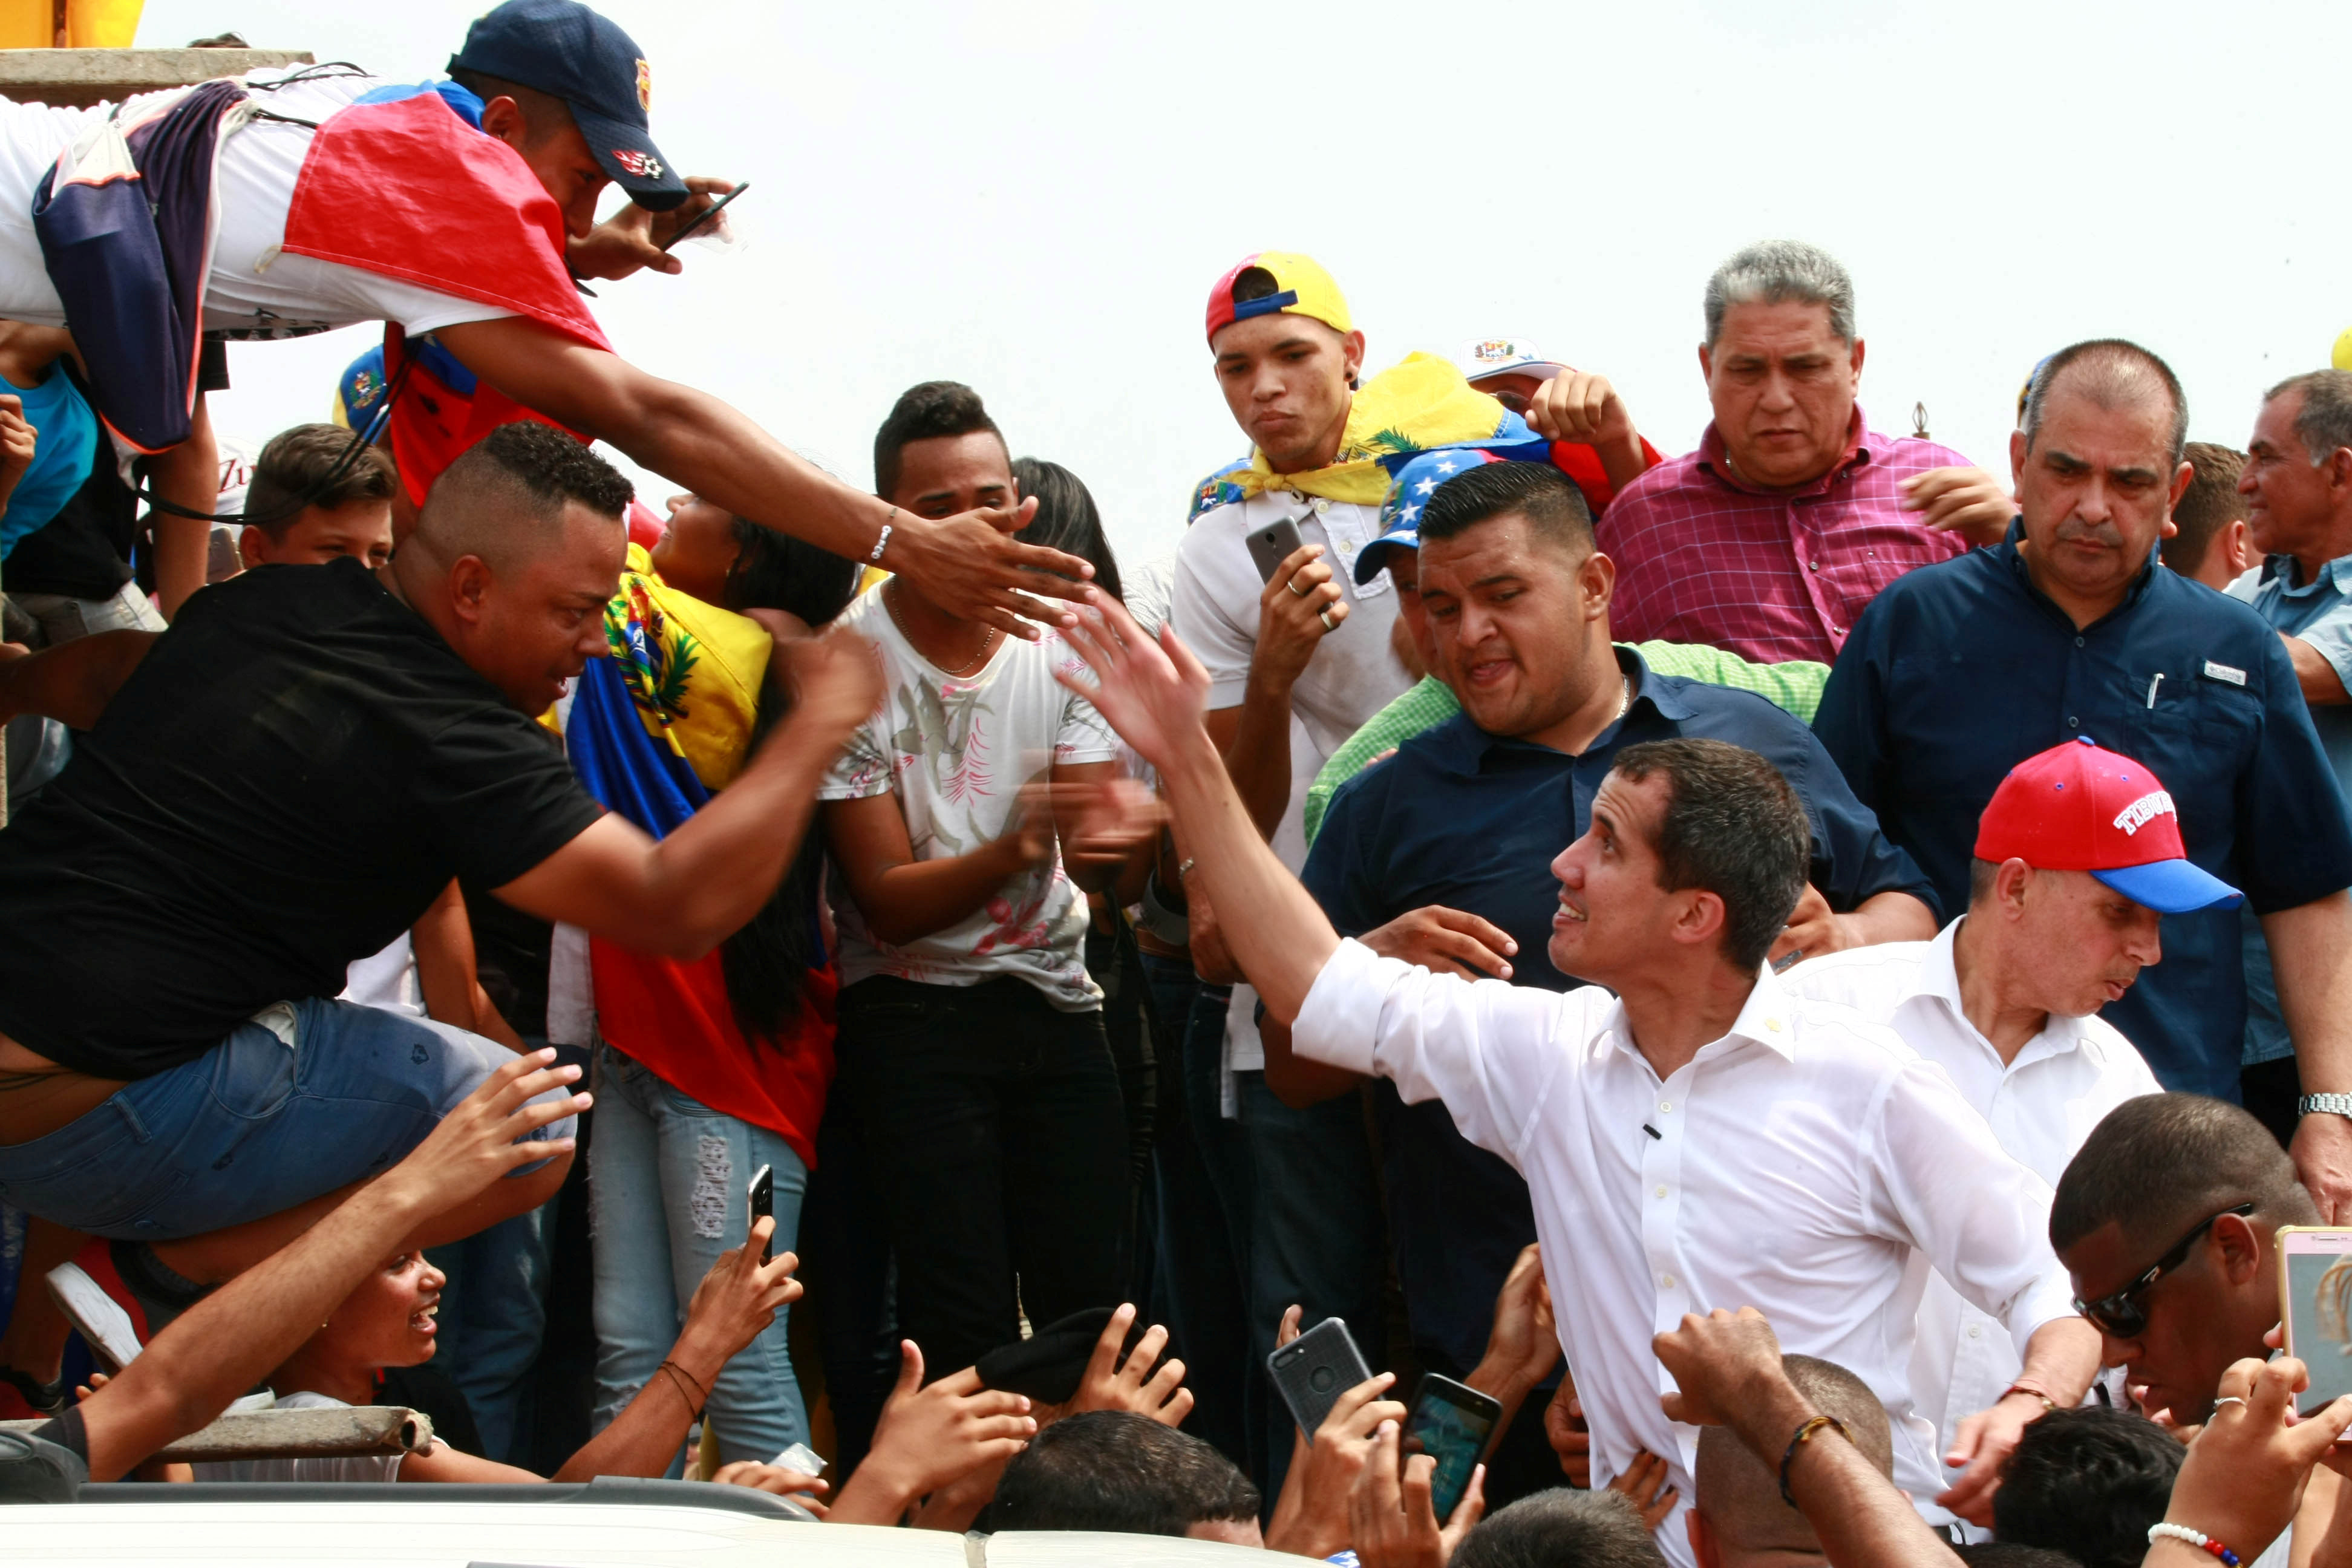 زعيم المعارضة الفنزويلية جوايدو يشارك في مظاهرة خلال زيارته لماراكايبو 20